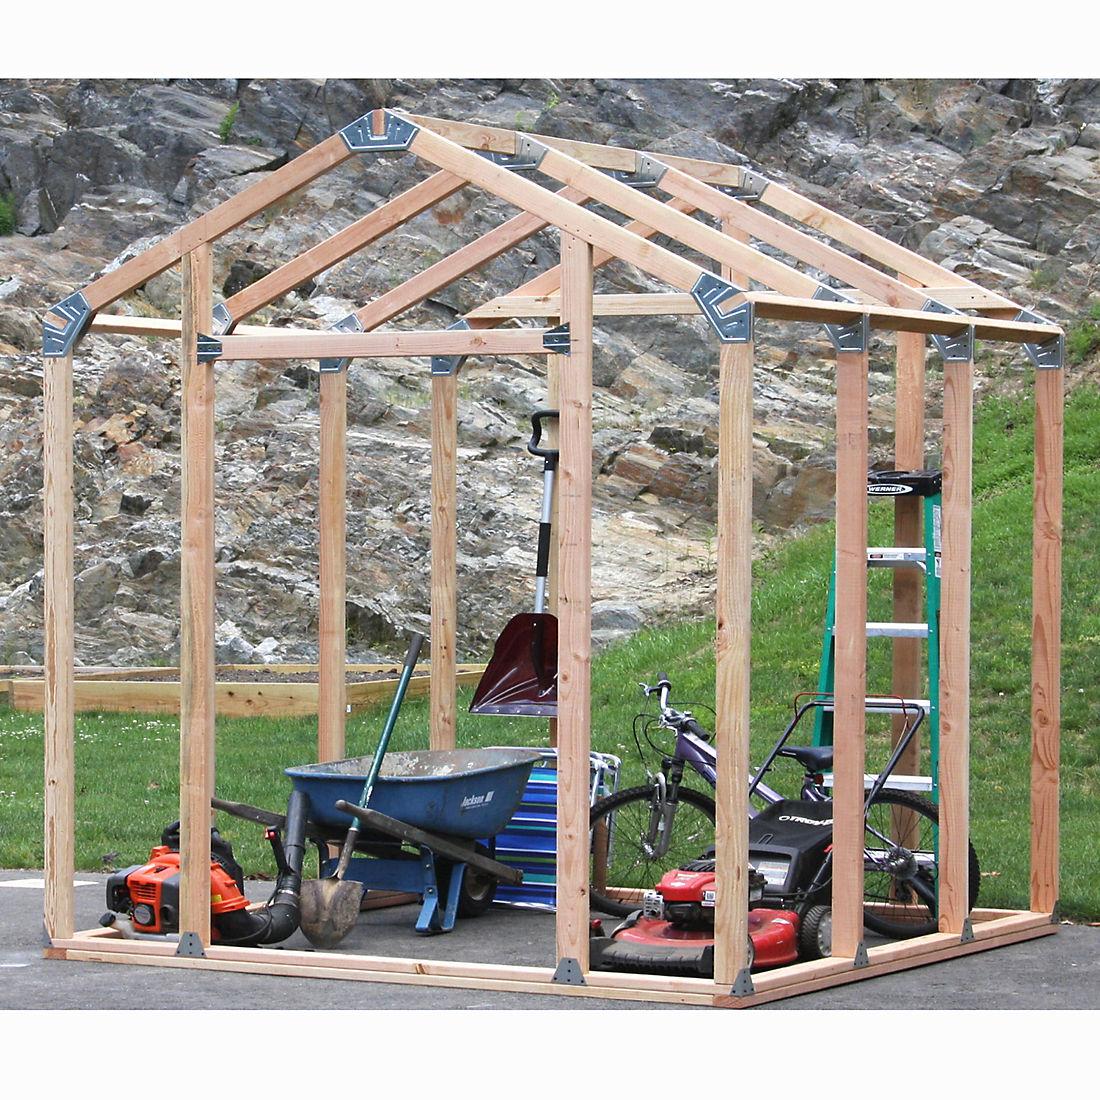 Shelter-It EZ Framer 7' x 8' Shed Framing Kit